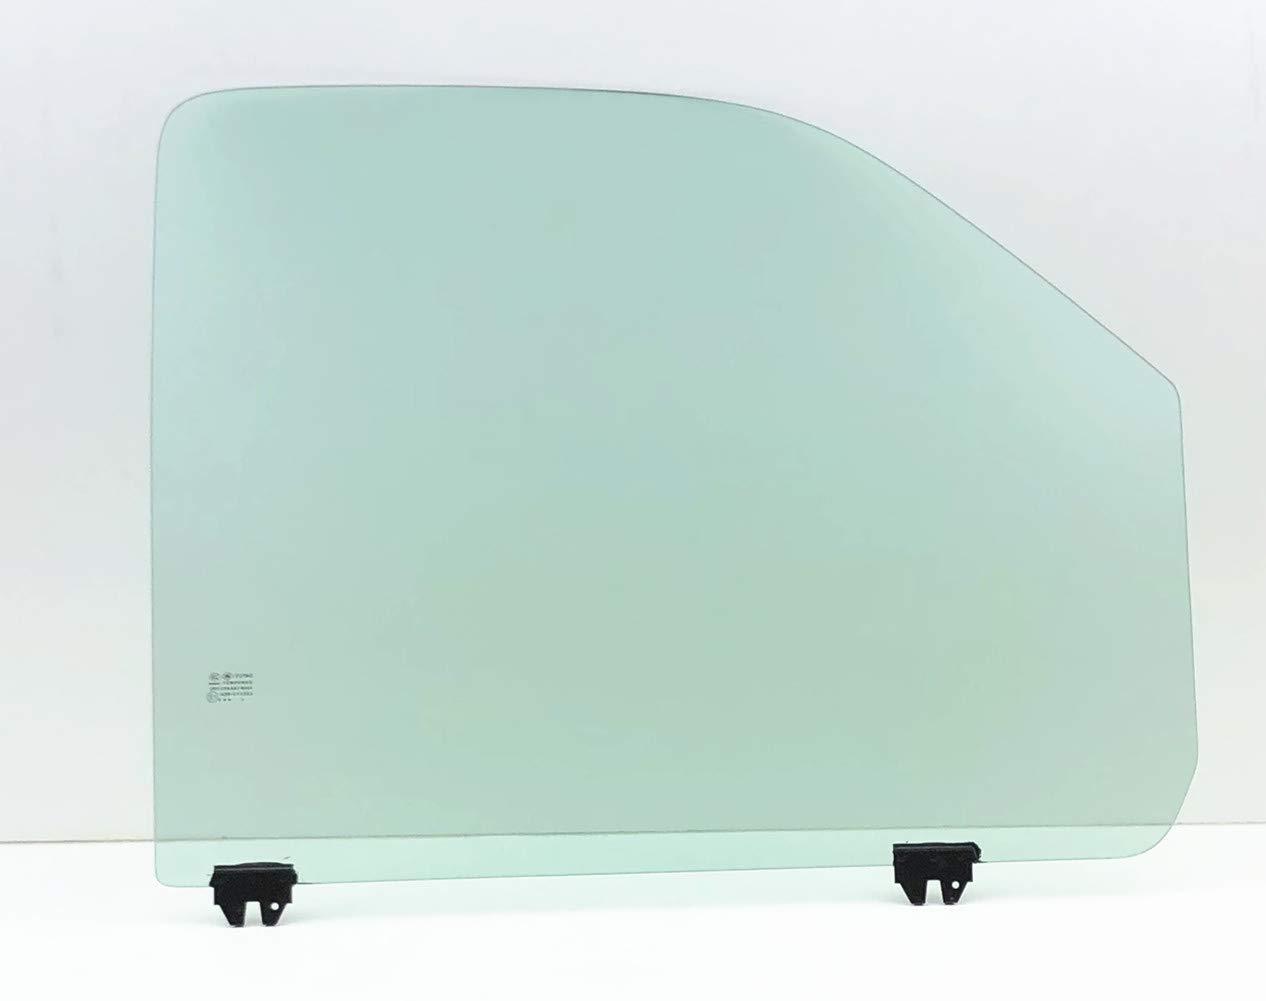 1500 2500 3500 Passenger Side Right Front Door Window Glass NAGD Fits 1996-2018 GMC Savana /& Chevrolet Express Van